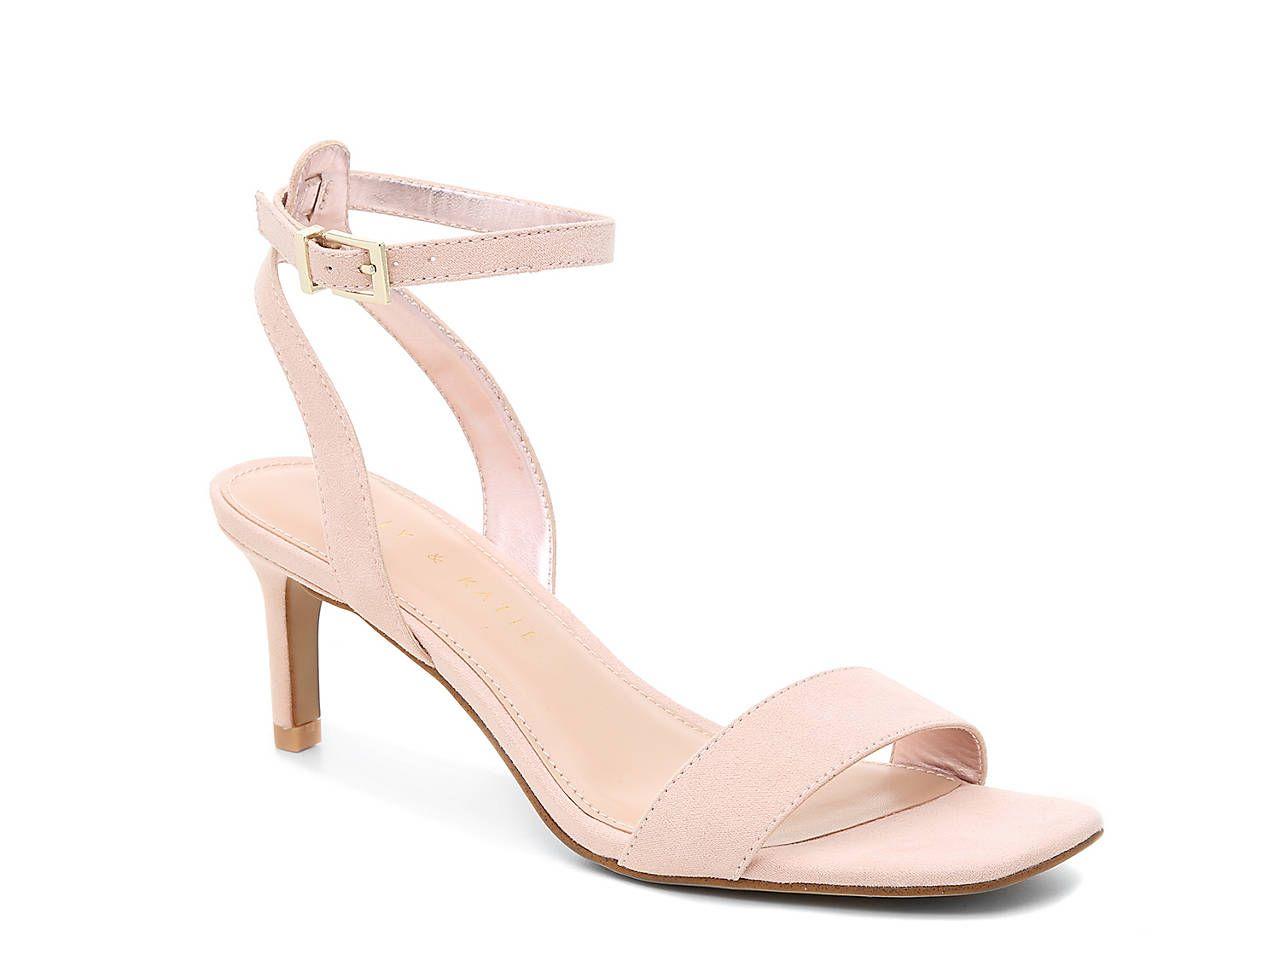 Kelly Katie Mayla Sandal In 2020 Classy Sandals Shoes Heels Classy Kelly Katie